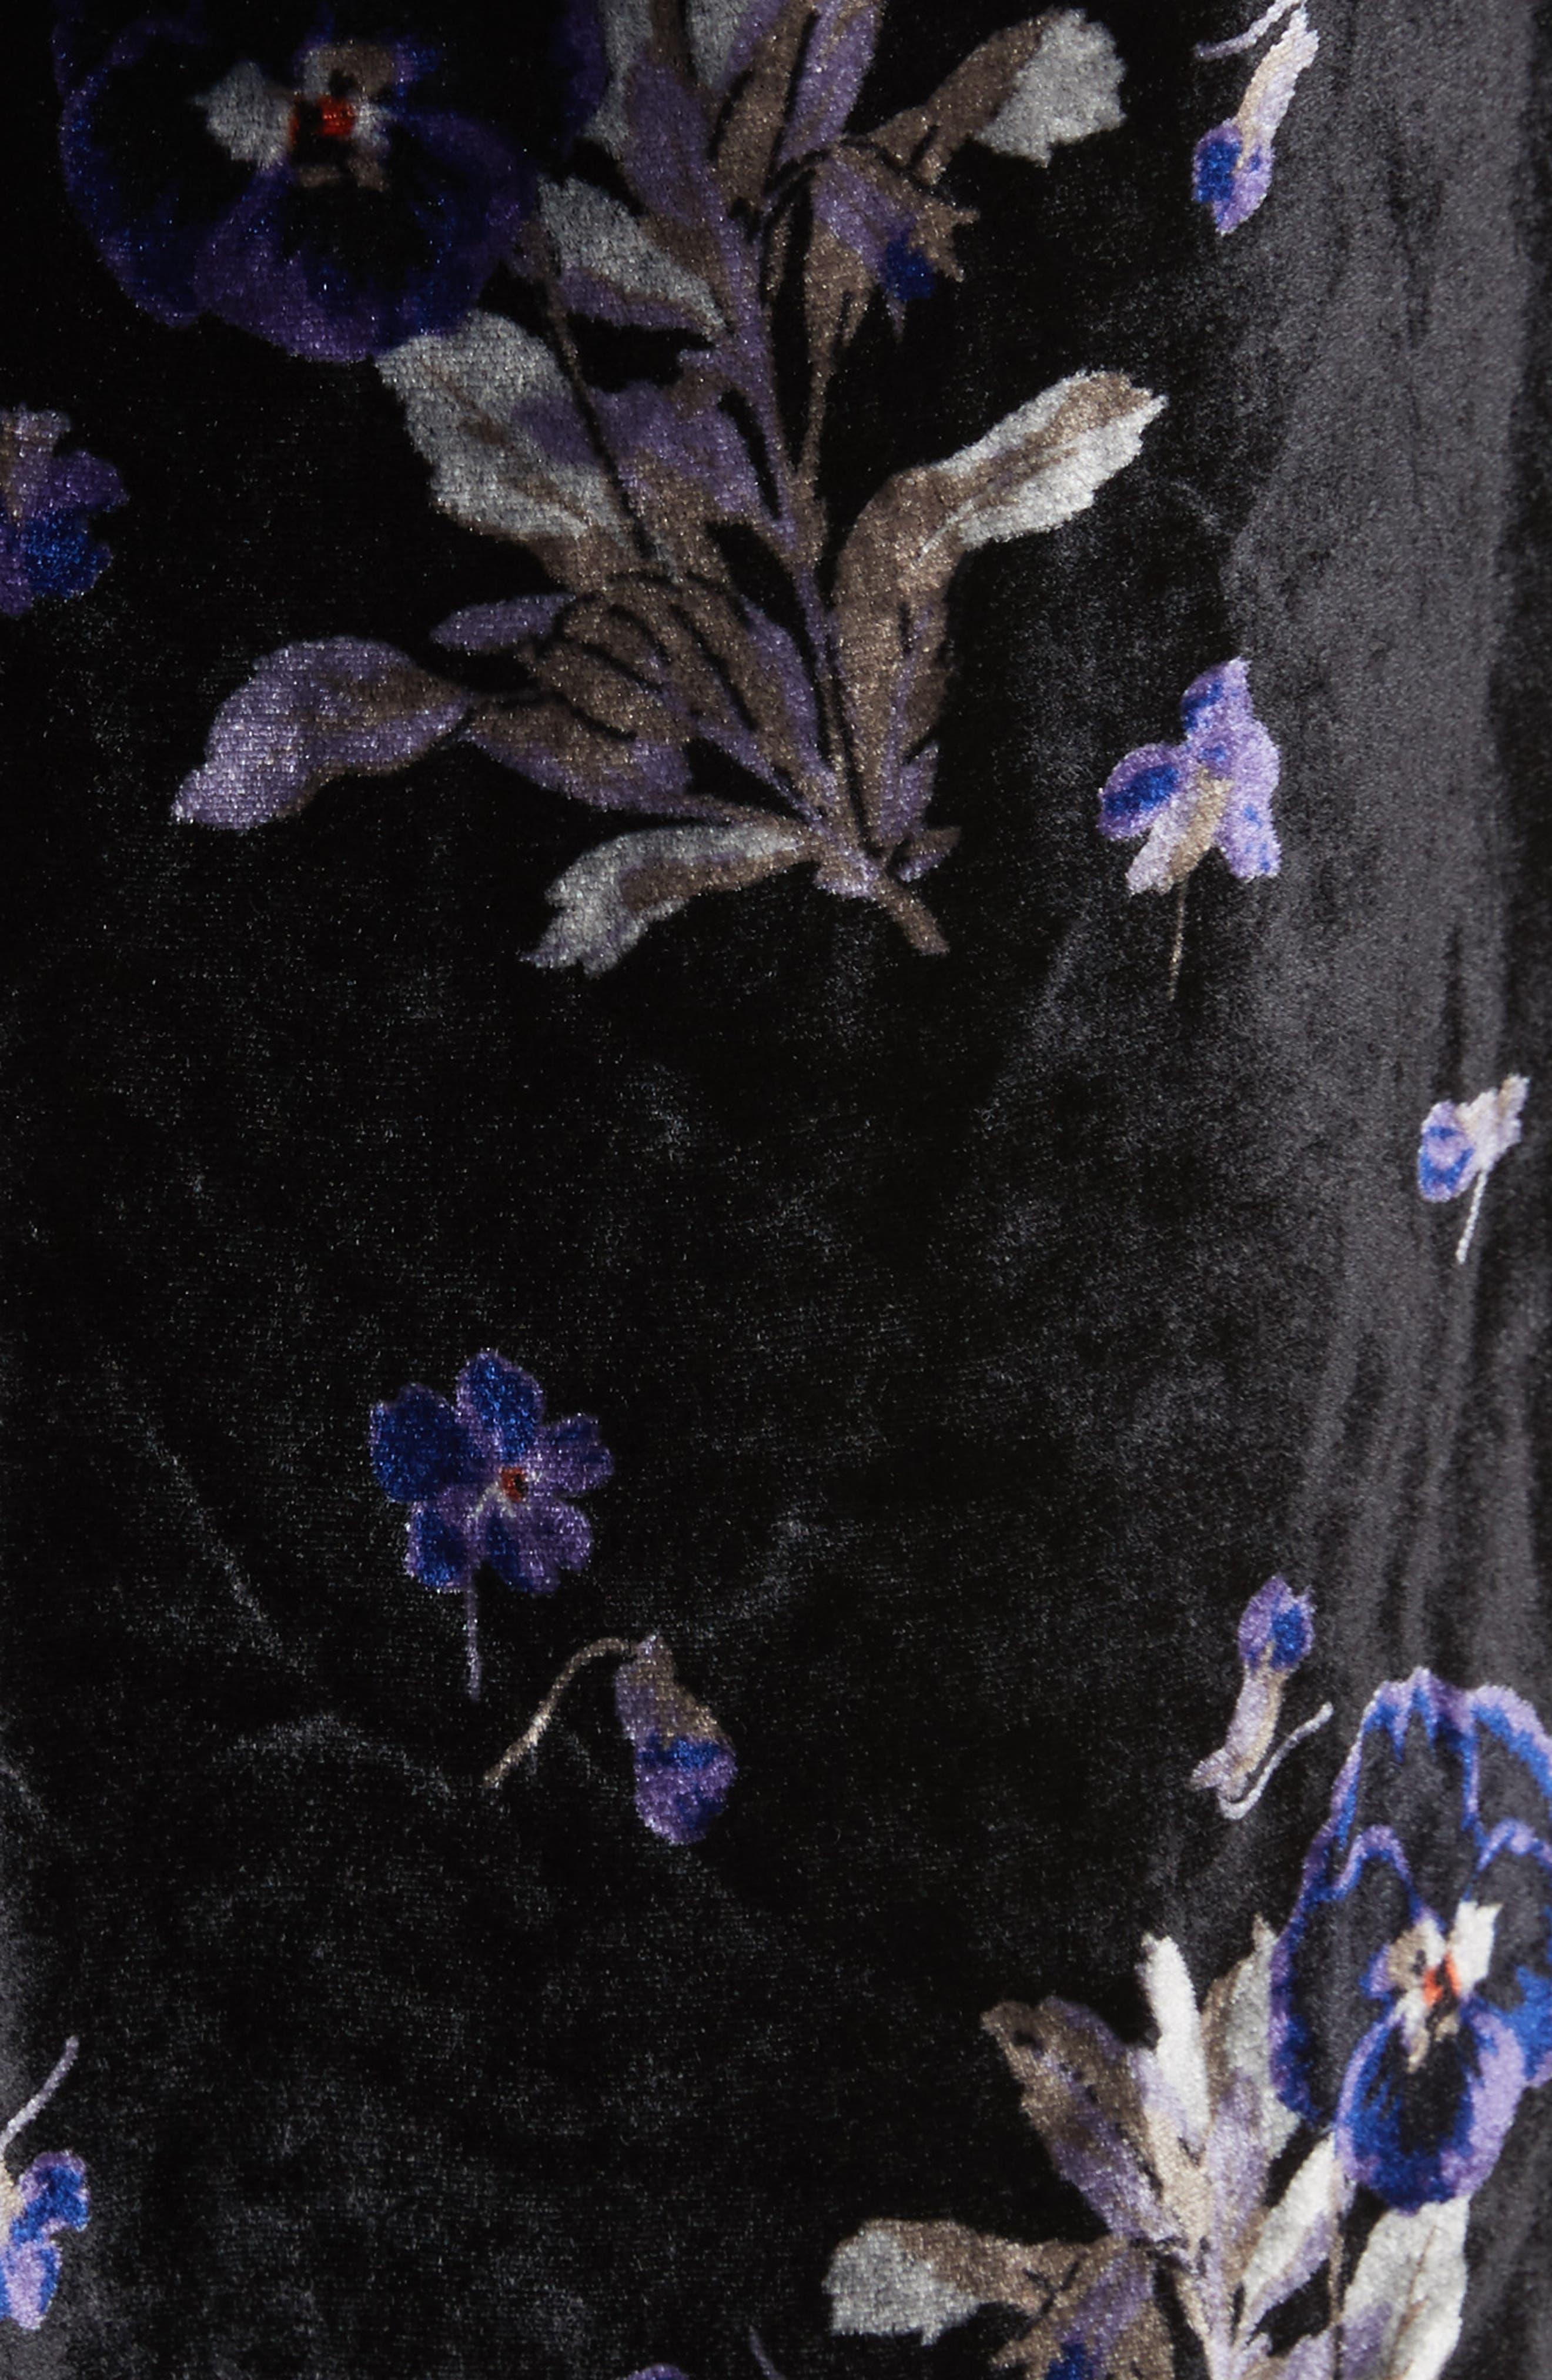 Violet Velvet Sheath Dress,                             Alternate thumbnail 5, color,                             014